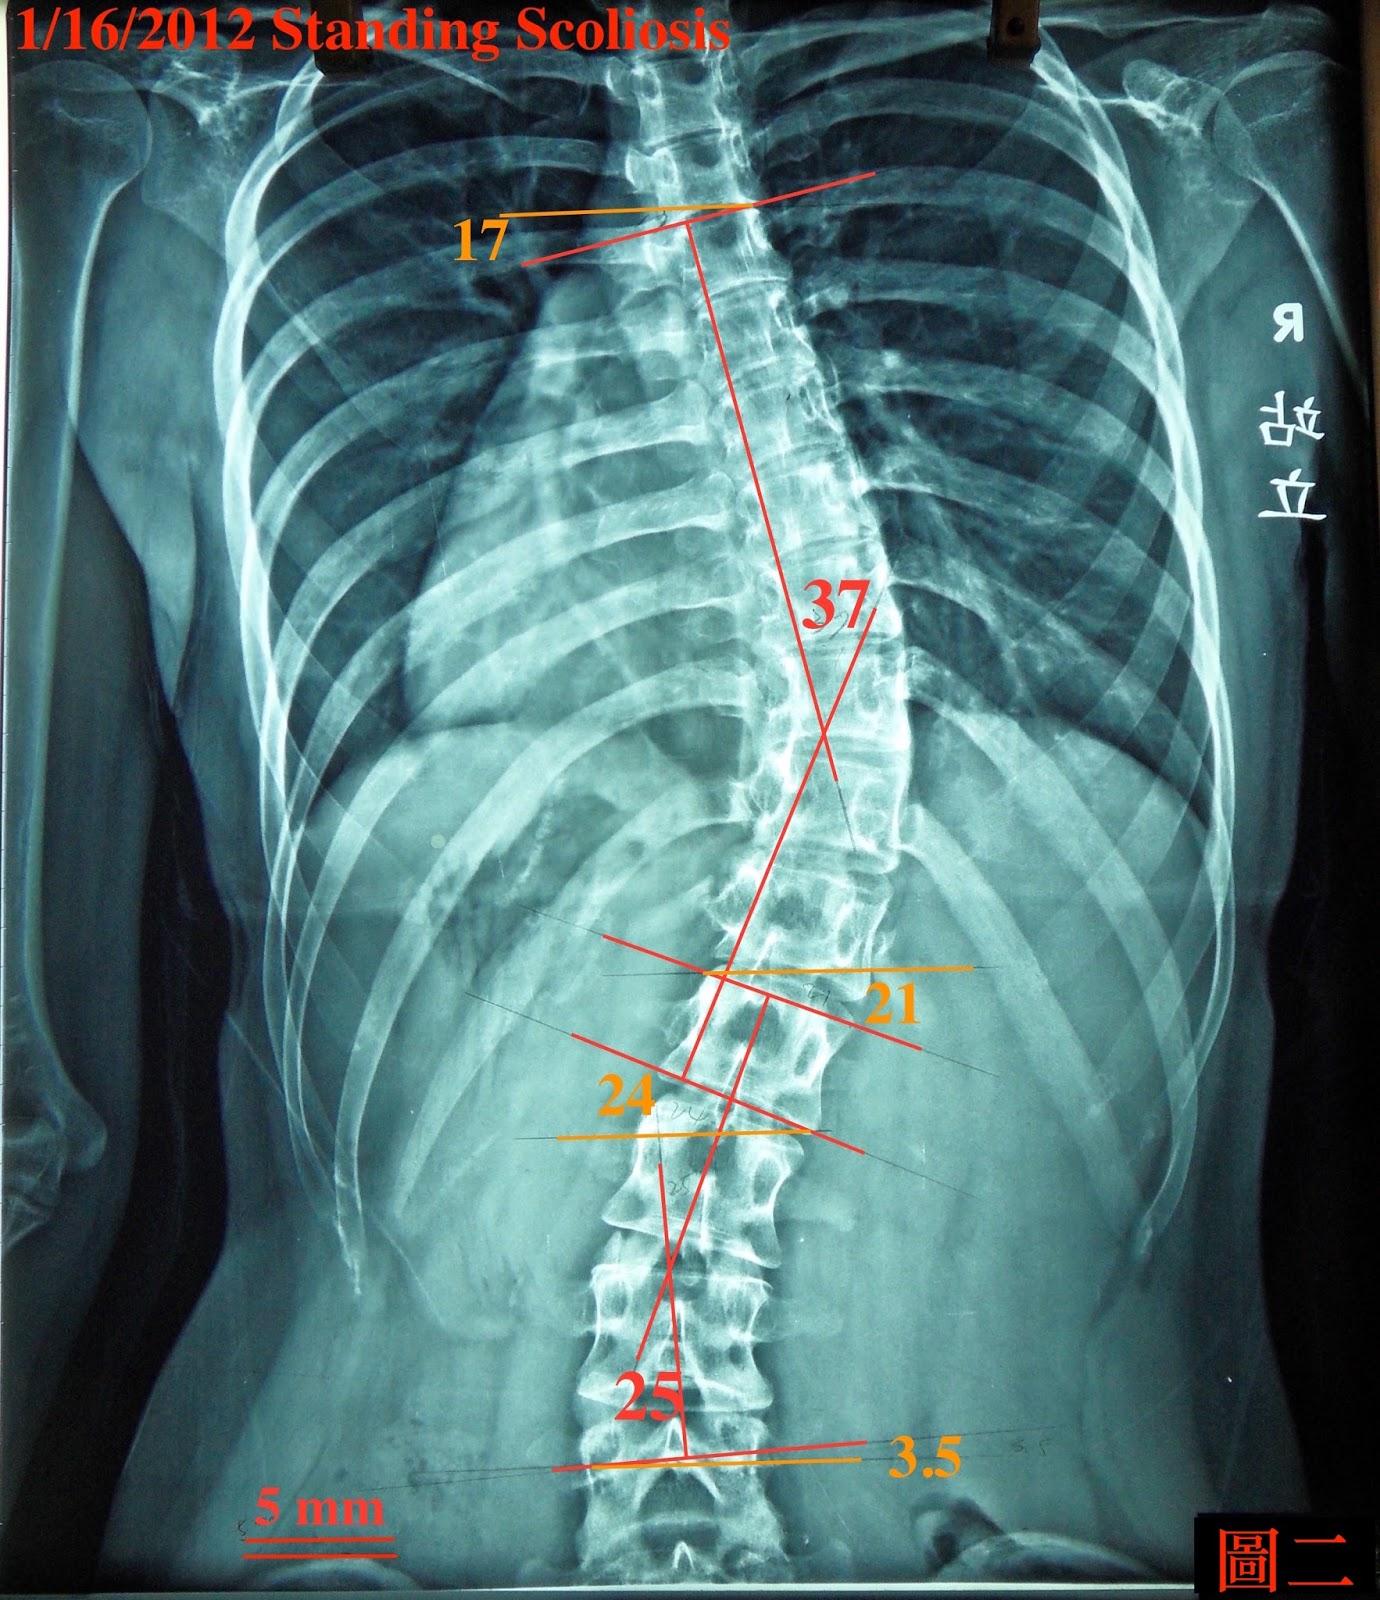 脊椎側彎矯正案例12 - 治療8次成果:37-30度 - 閻曉華脊骨神經醫學網